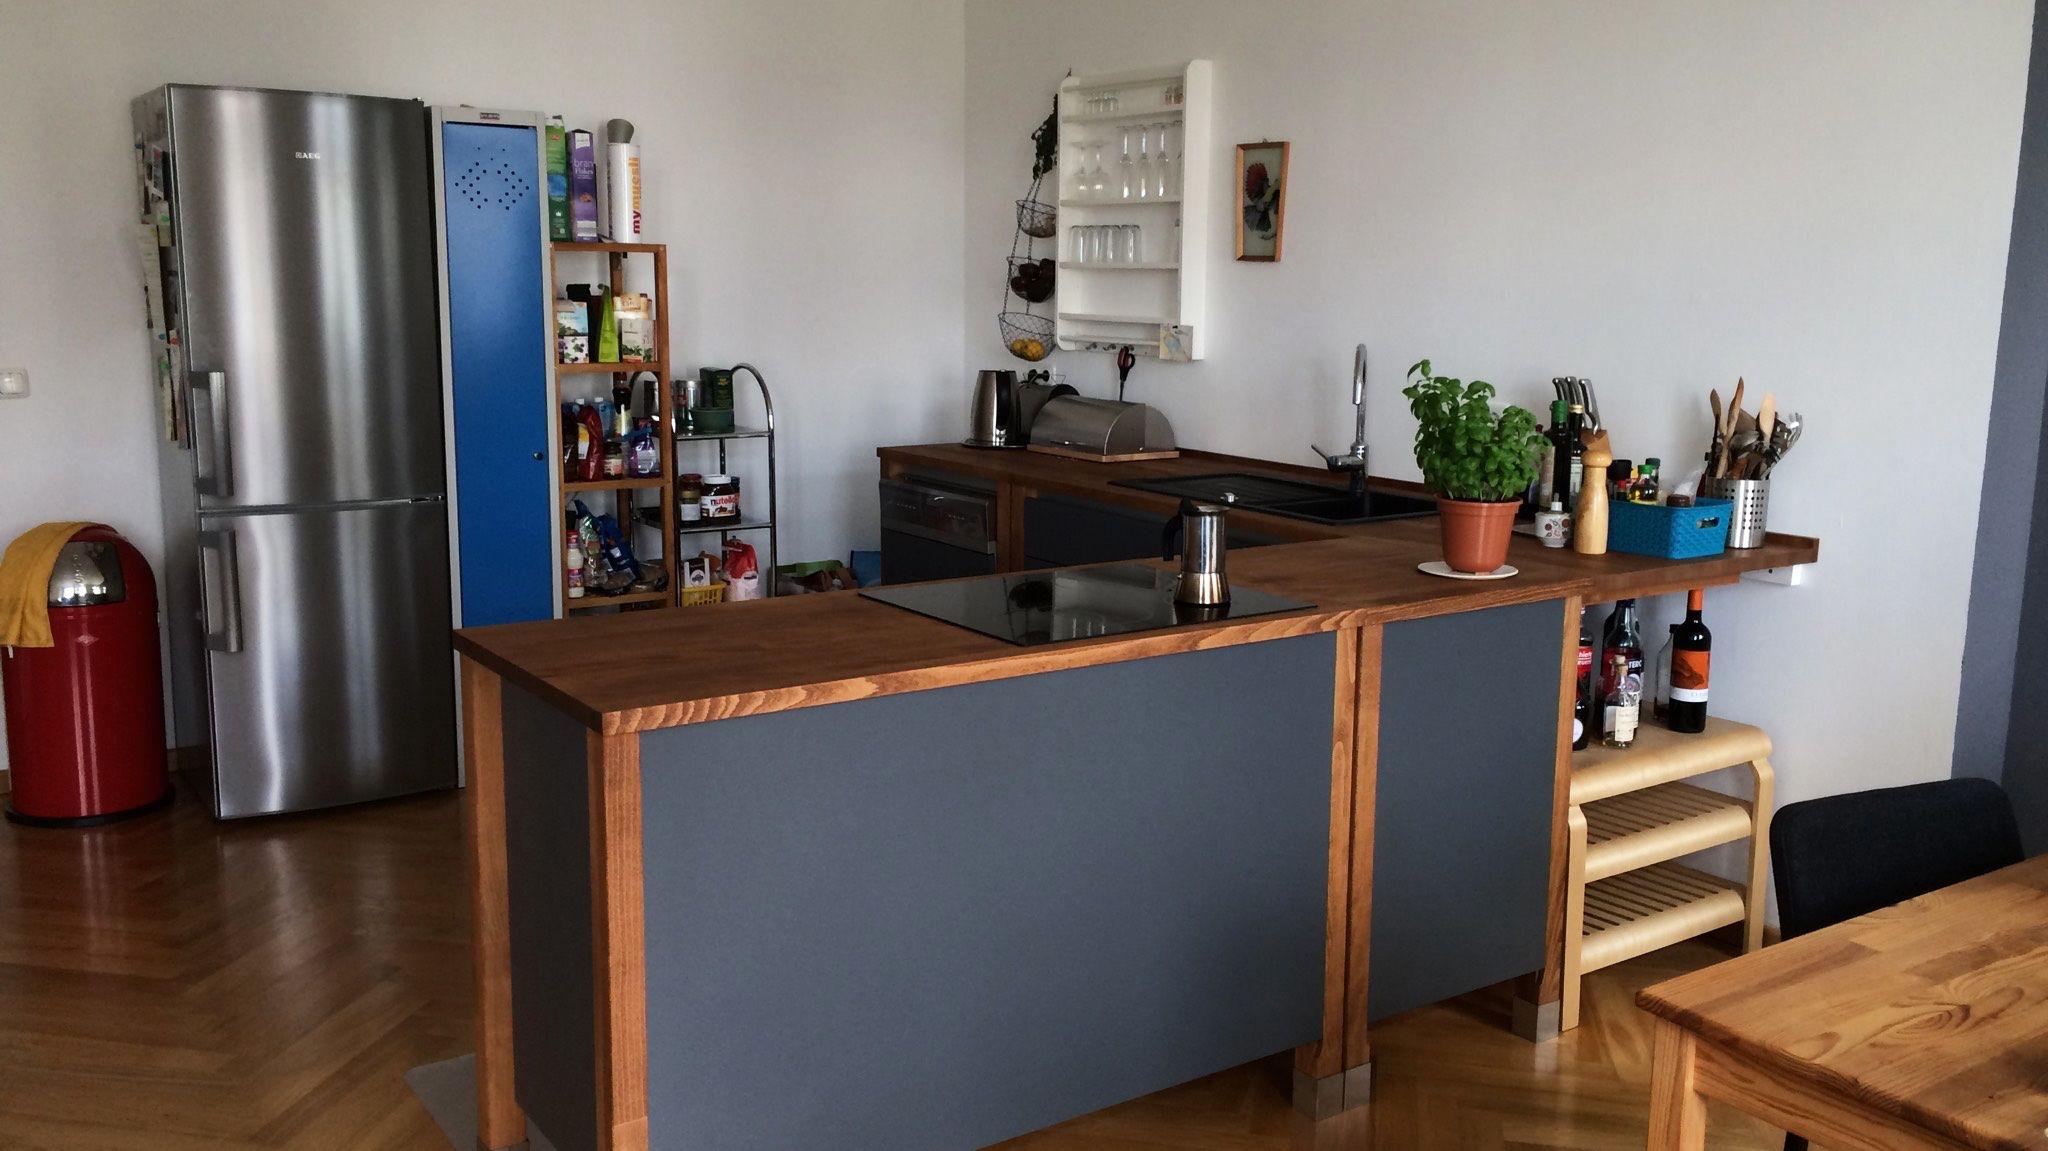 Fantastisch Kücheninsel Extraktor Galerie - Küche Set Ideen ...